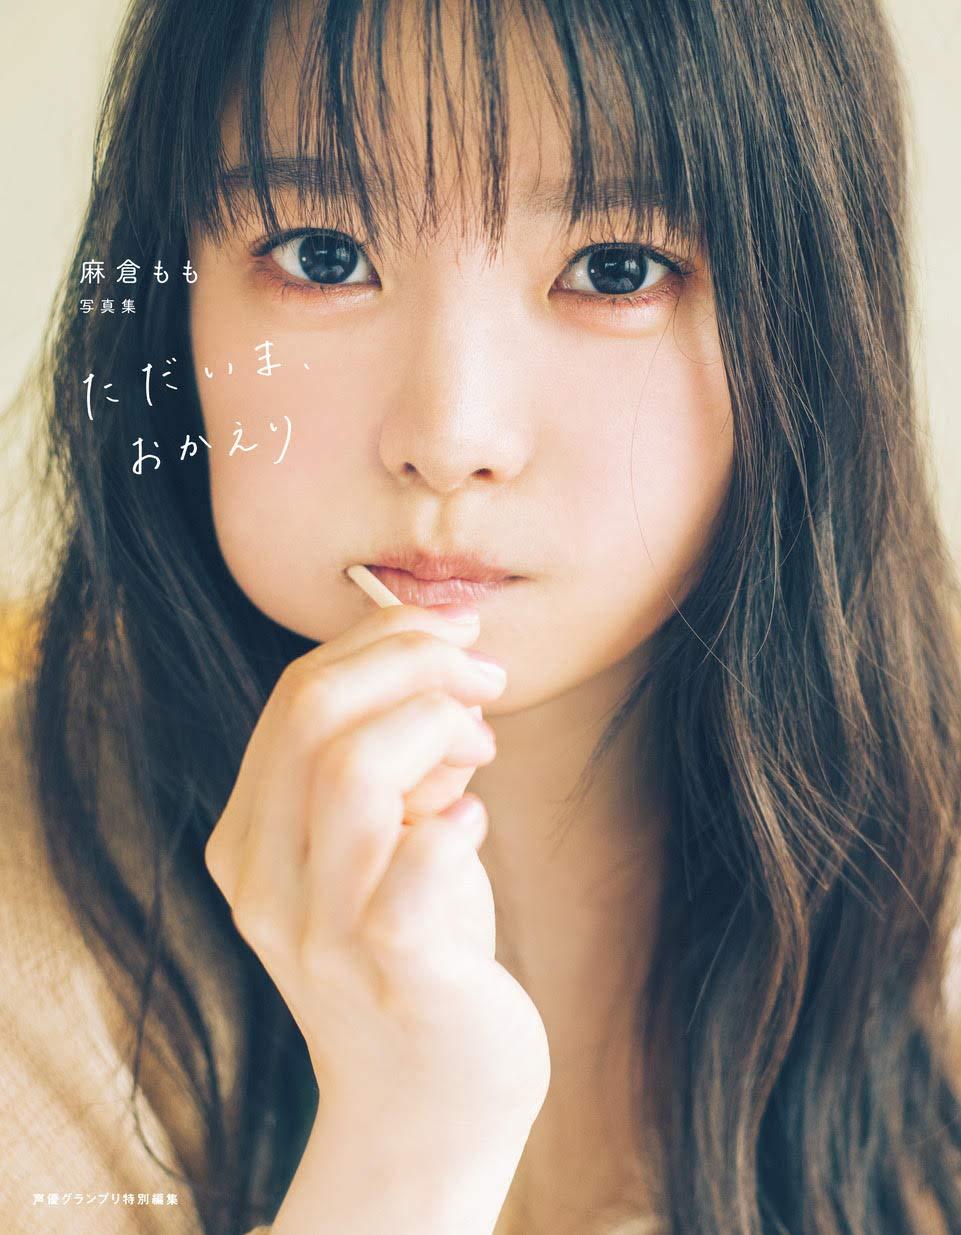 ライブ も 麻倉 も 麻倉あきら(斉藤さおり)Official Website